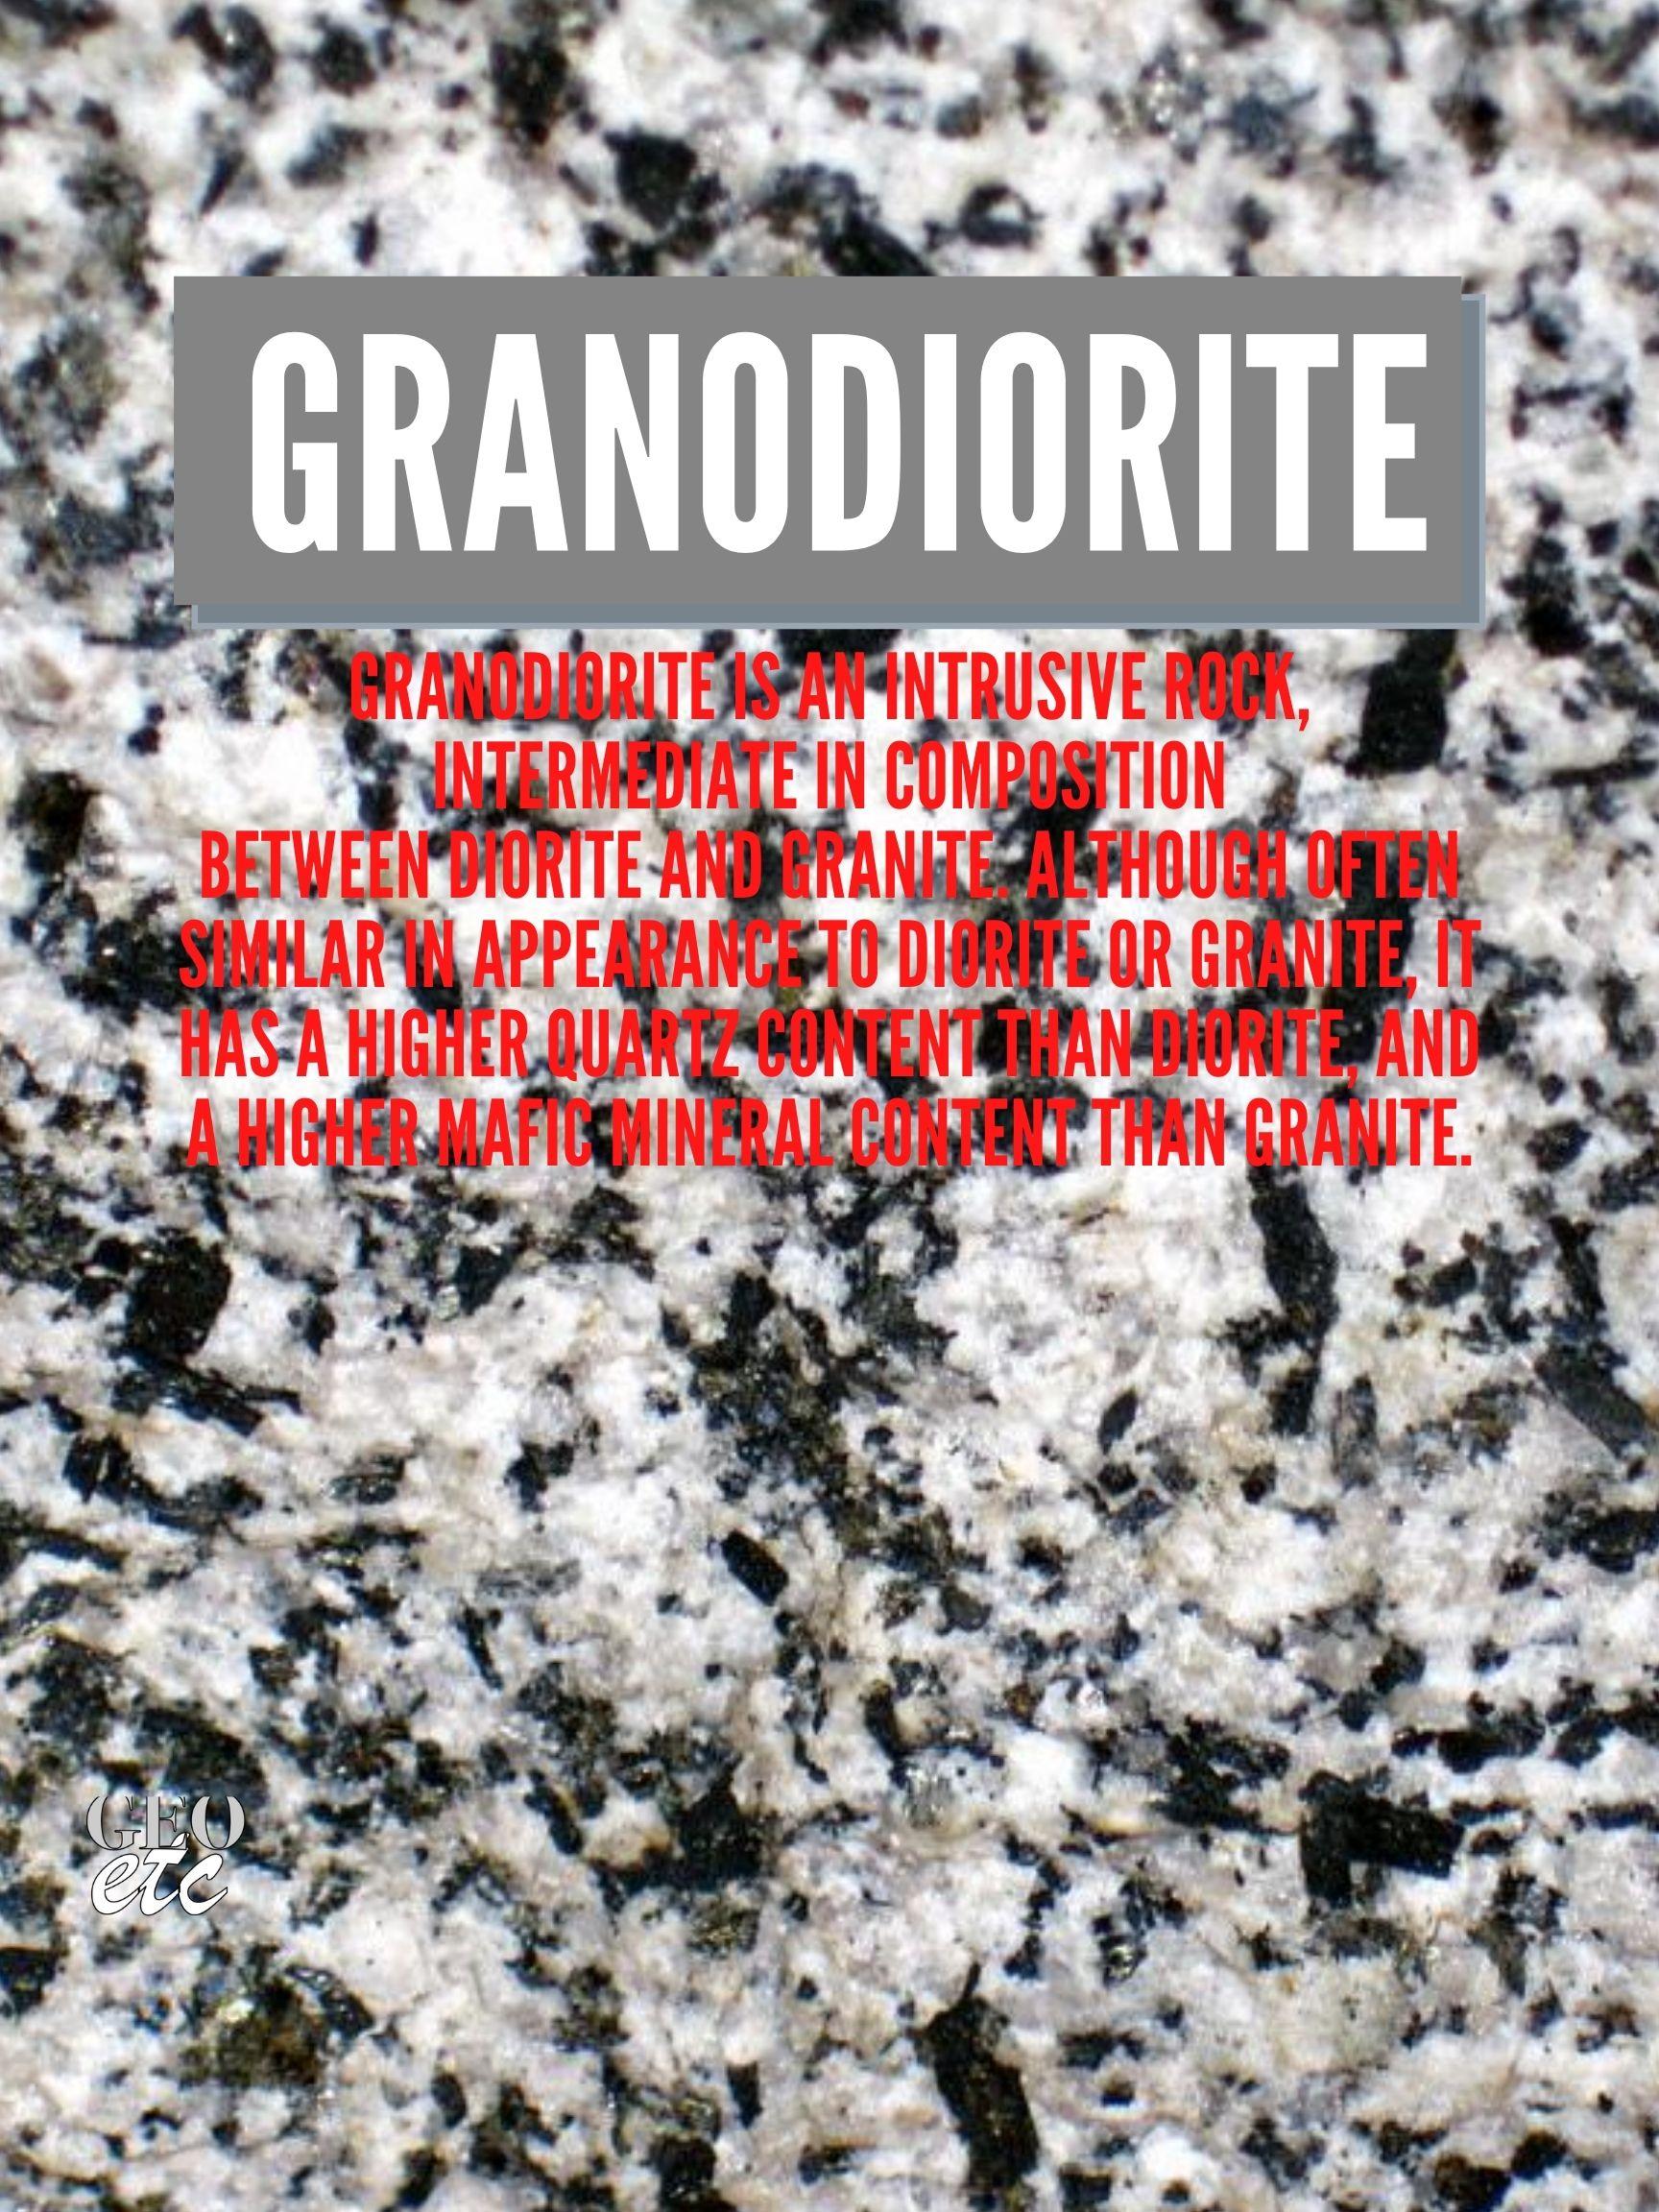 Granodiorite Poster